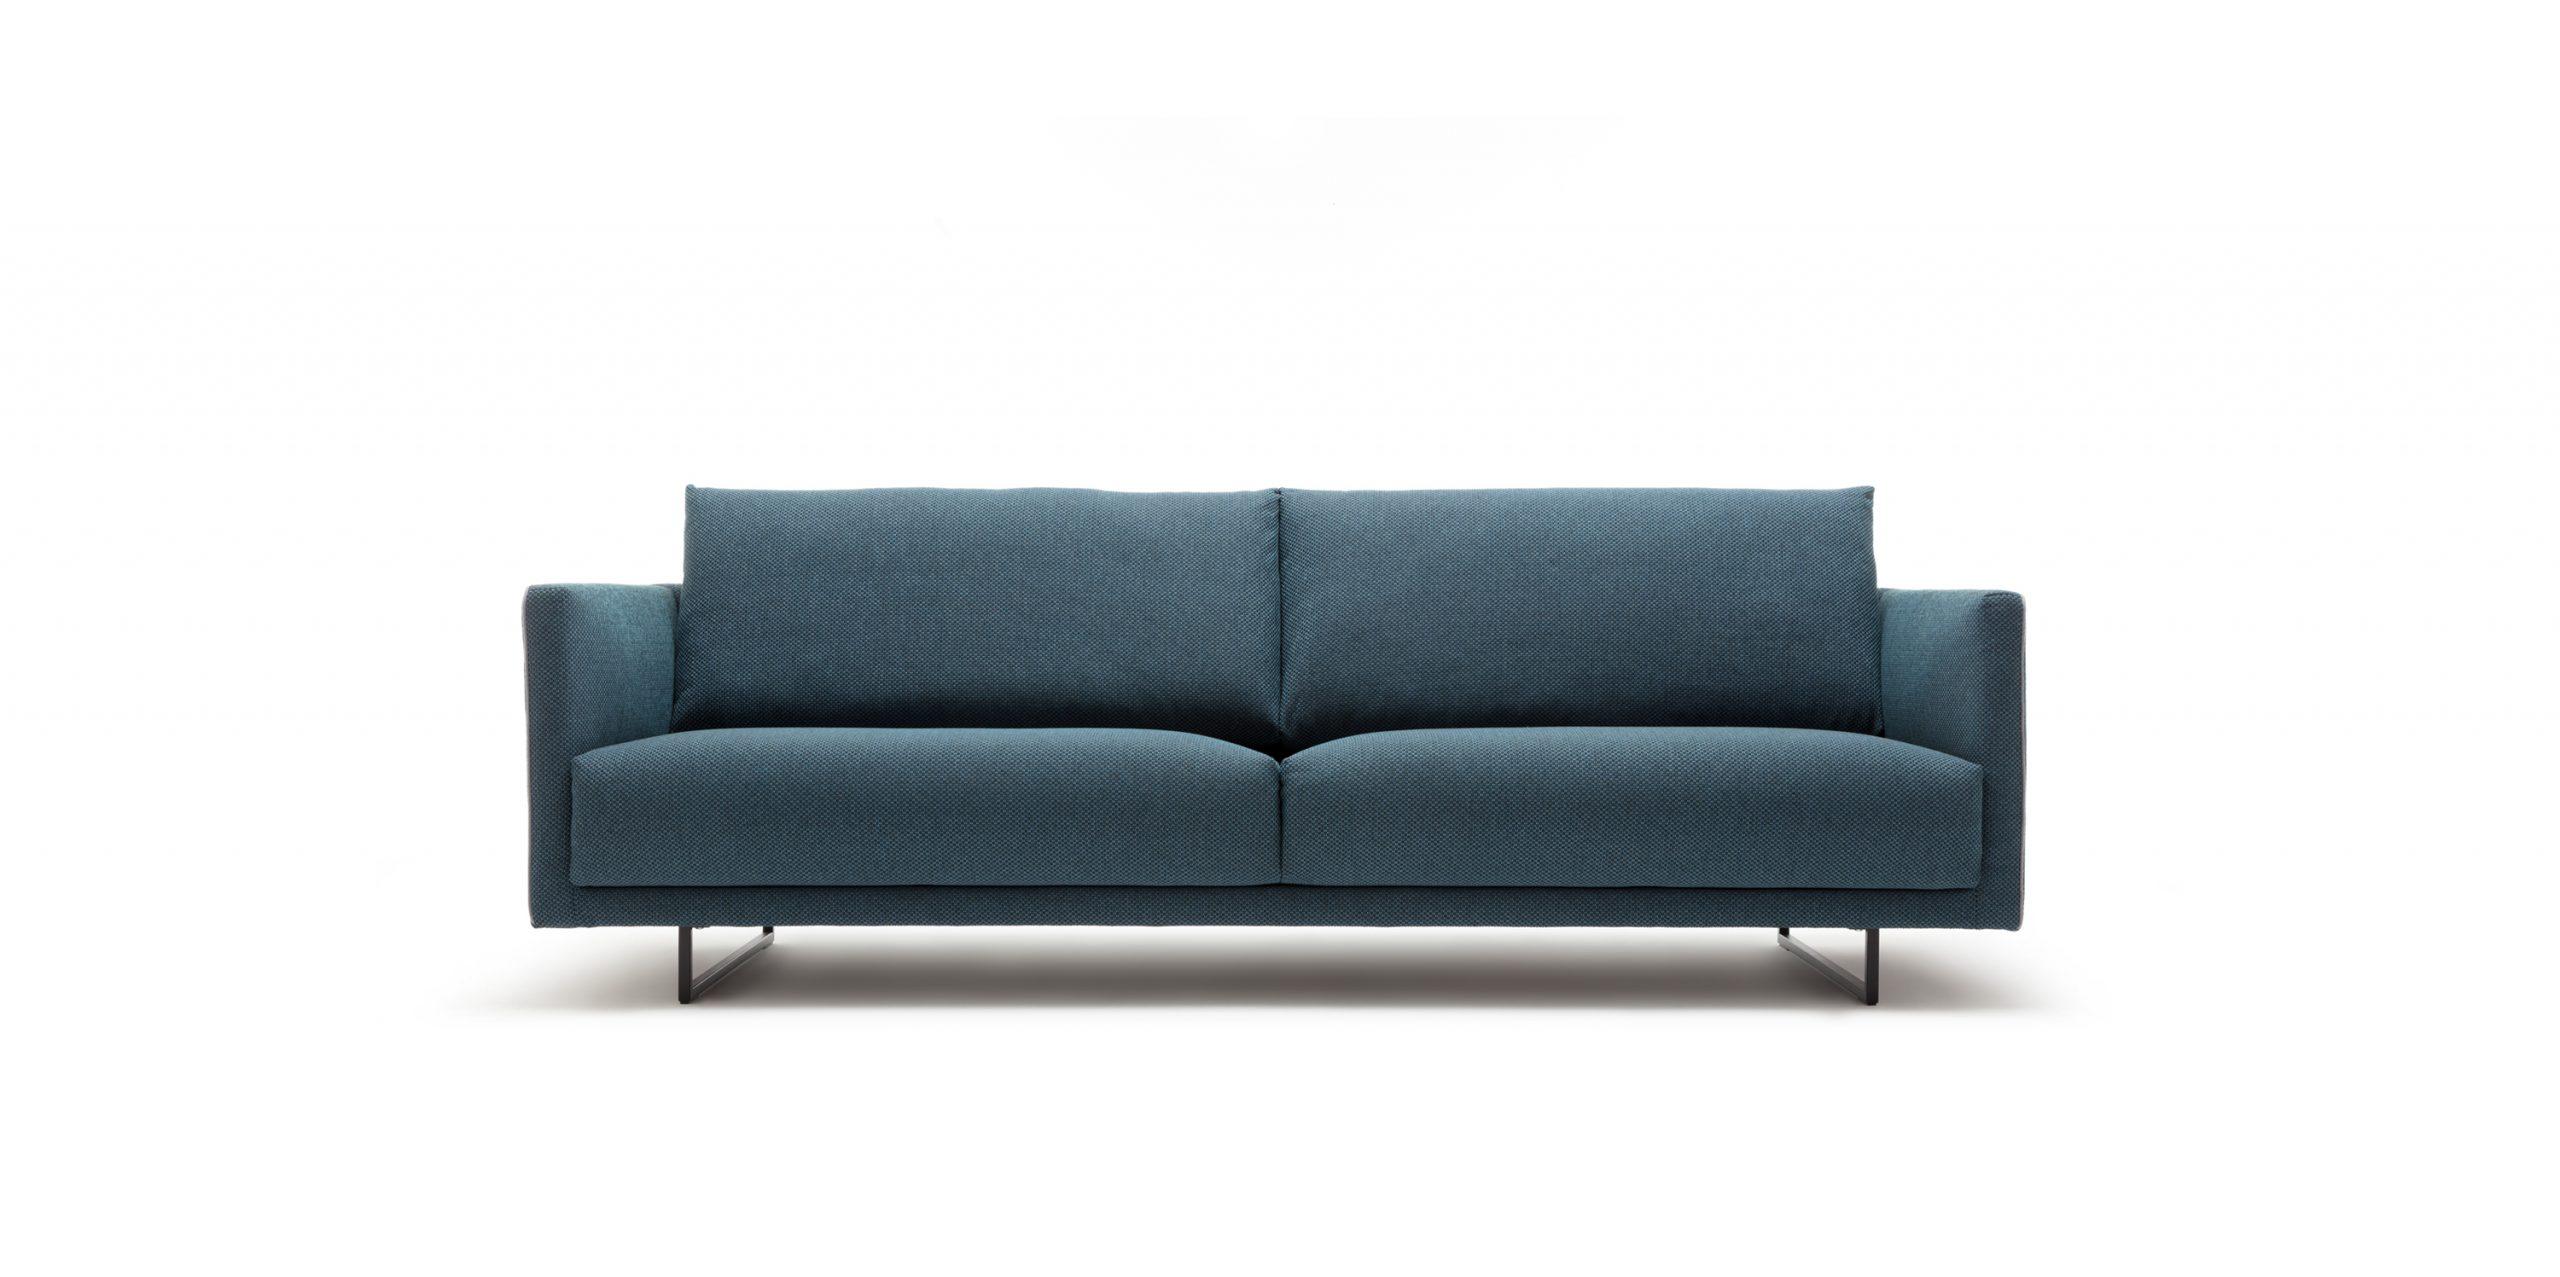 Full Size of Rolf Benz Sofa Gebraucht Schweiz Dono Couch Freistil 133 List Mio Preisliste Preise 50 Kosten Nuvola 134 165 Leather Breit Stressless Sofort Lieferbar Sofa Rolf Benz Sofa